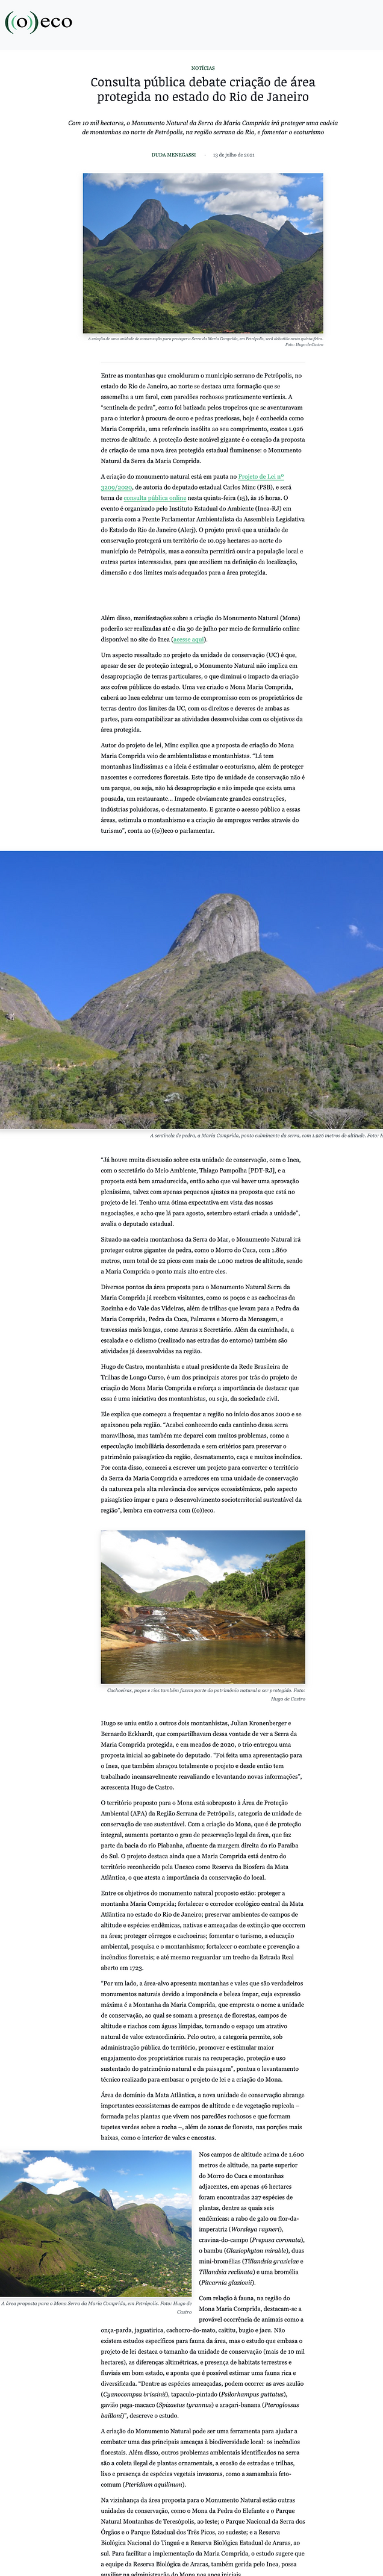 O Eco (13_7_2021)-Consulta pública debate criação de área protegida no estado do Rio de J